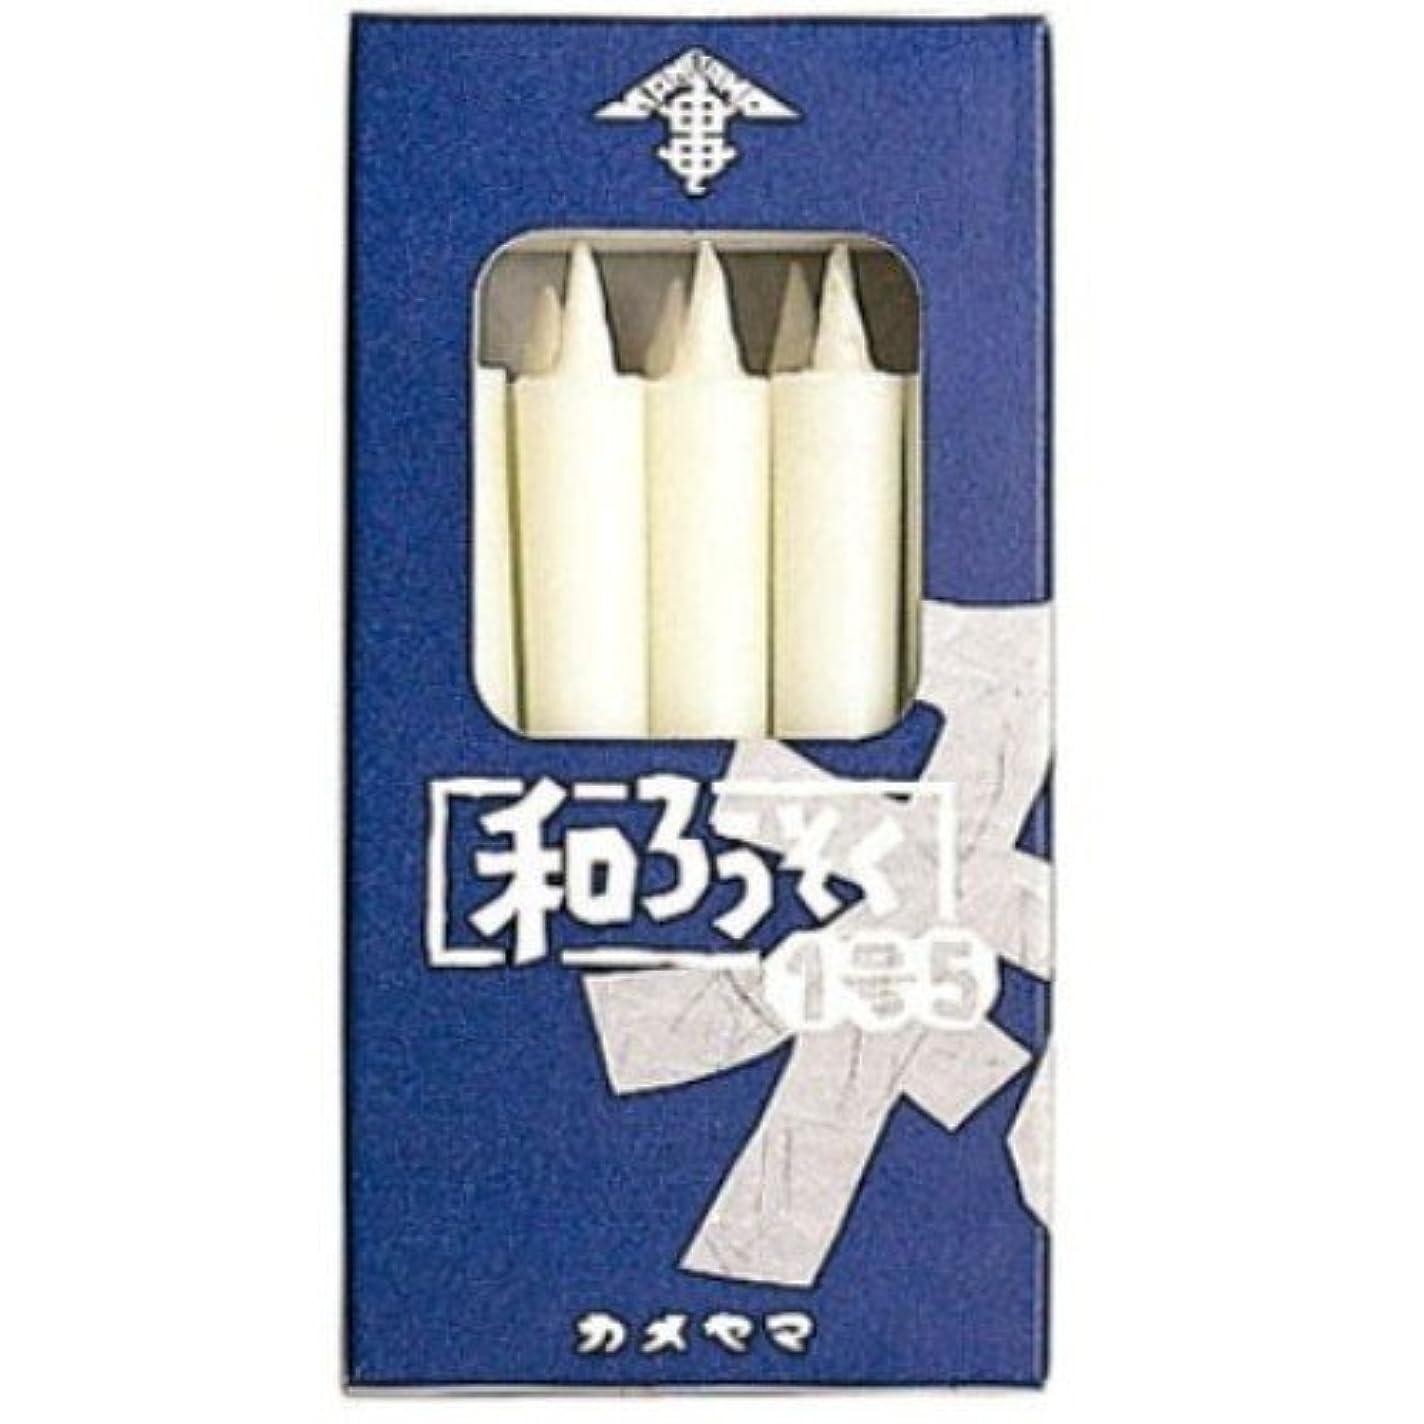 衣類有害な小学生和ろうそく1号5 白 箱入 × 60個セット